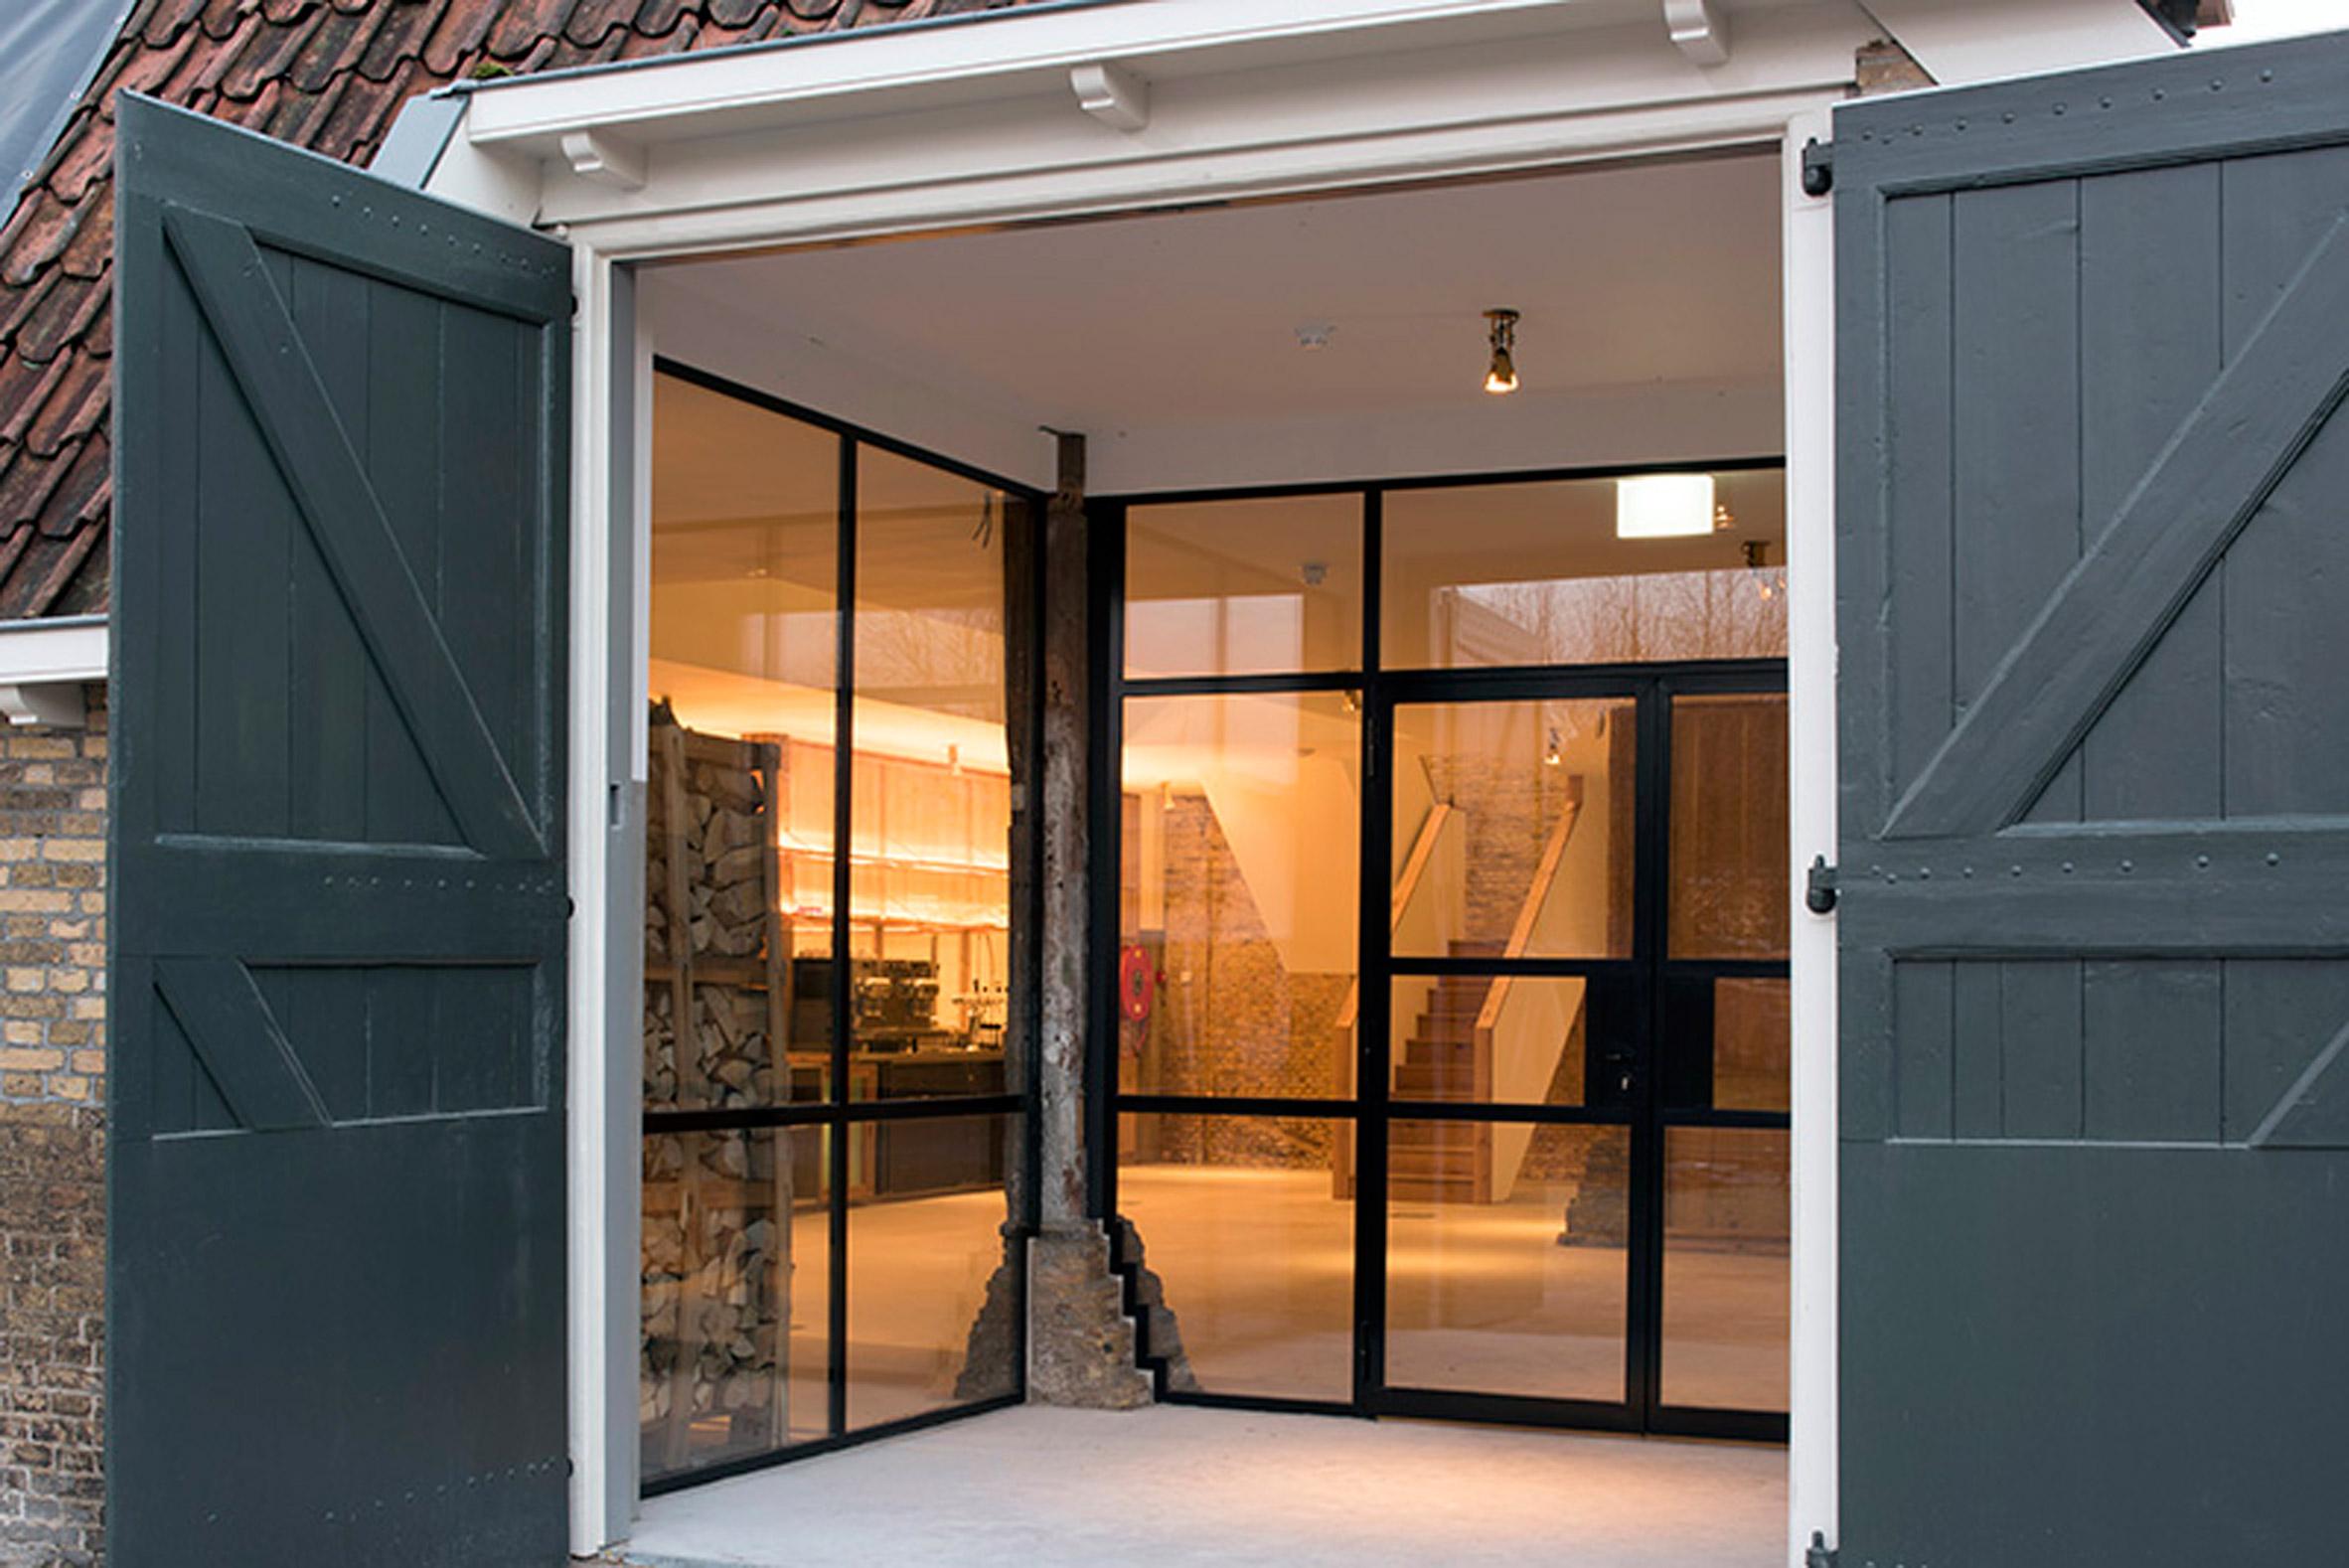 Herberch Omke Jan by Piet Hein Eek